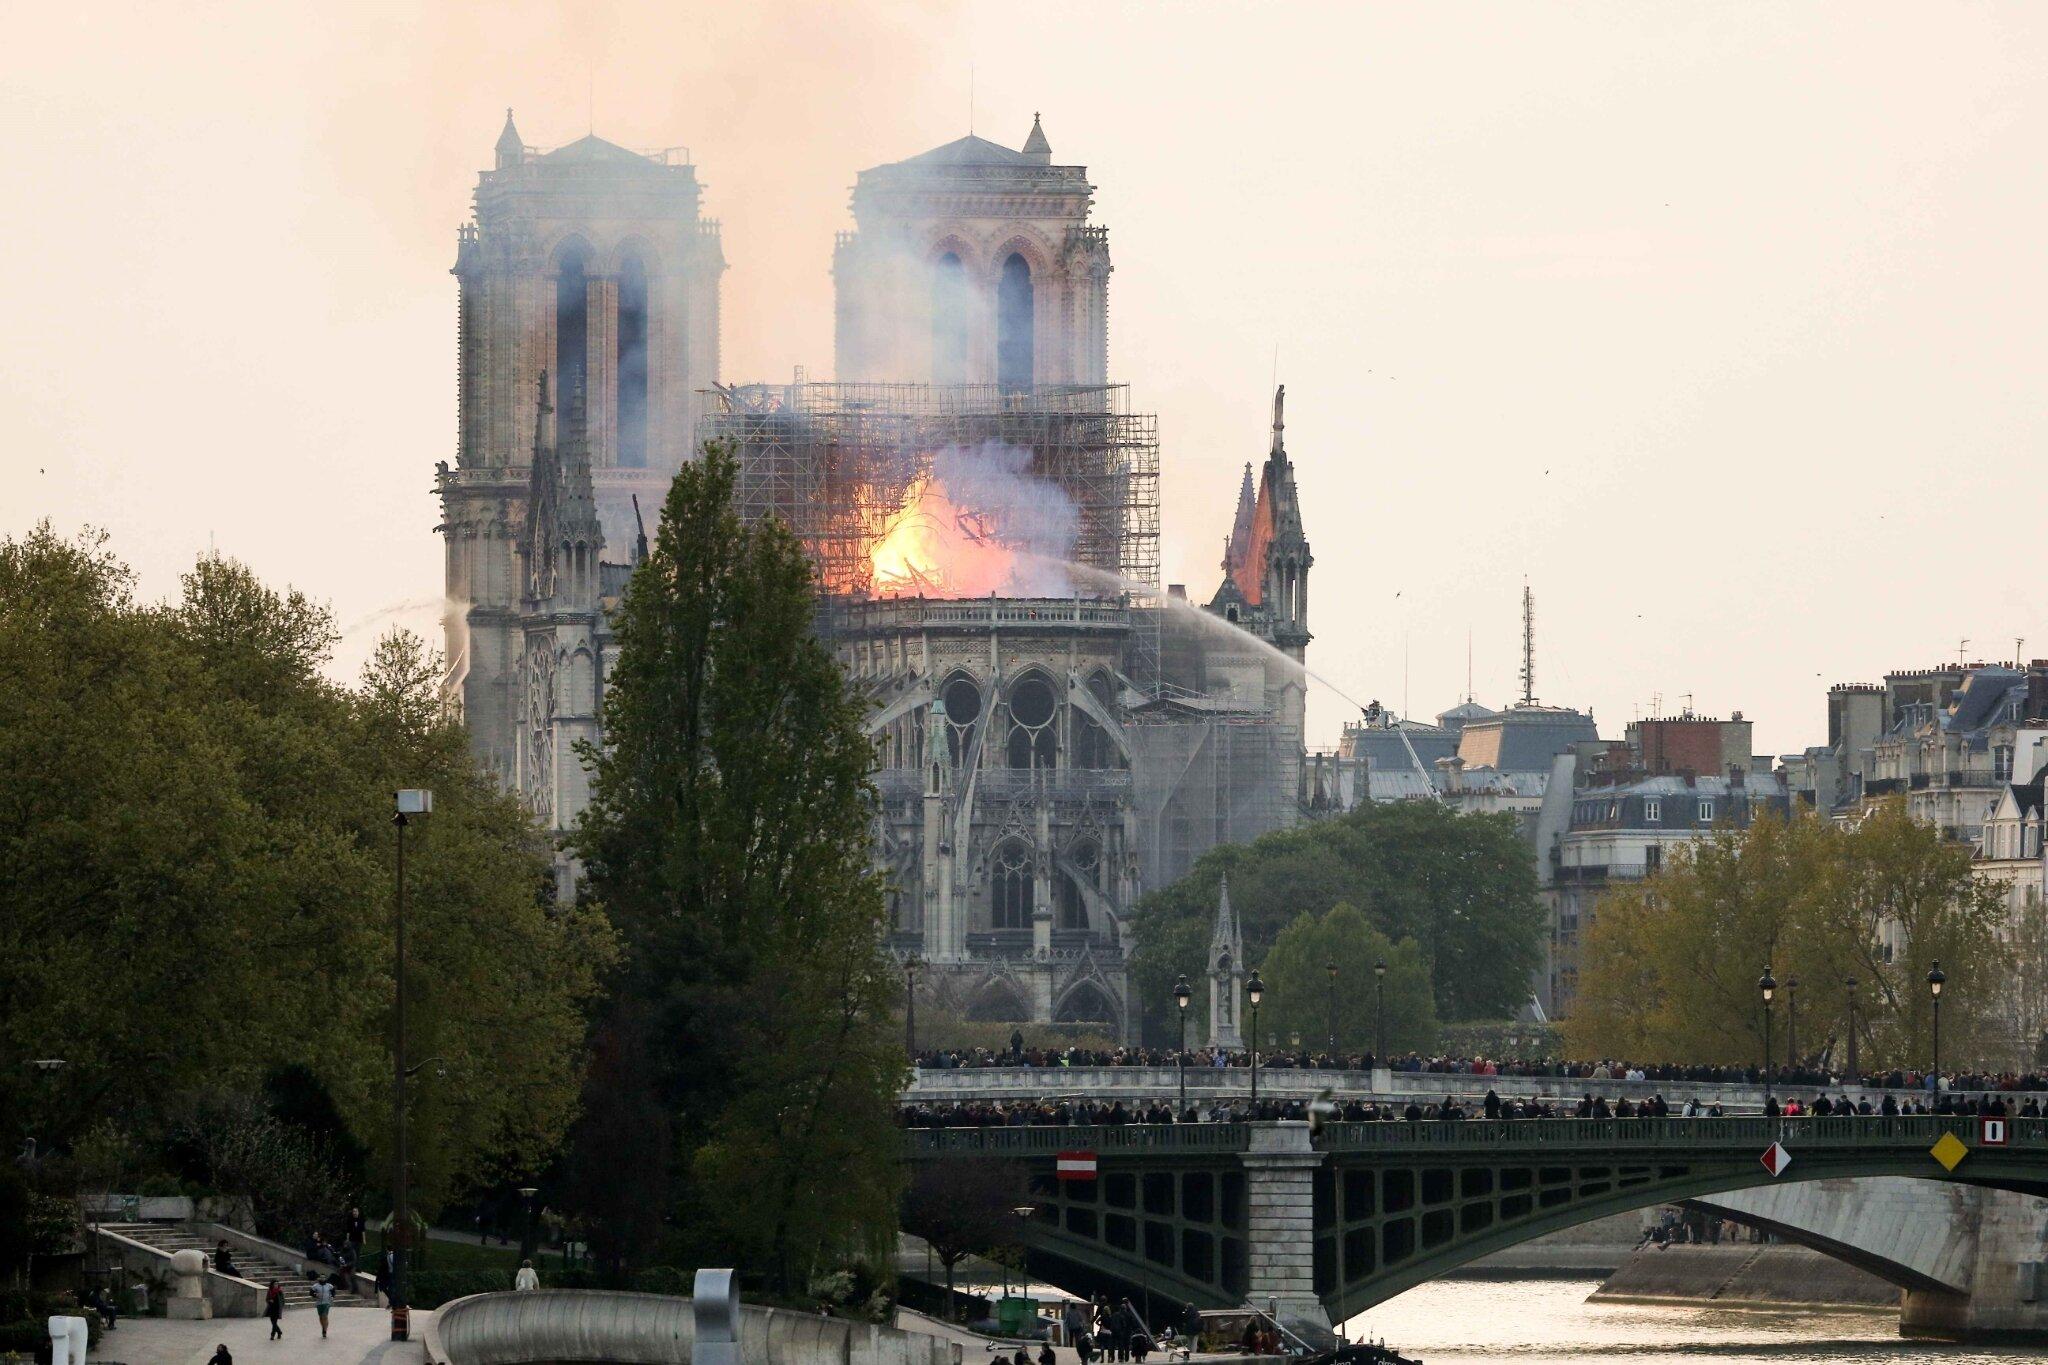 Incendie de Notre-Dame de Paris : la France pleure sa cathédrale. © Michel Stoupak. Lun 15.04.2019, 19h30m26.